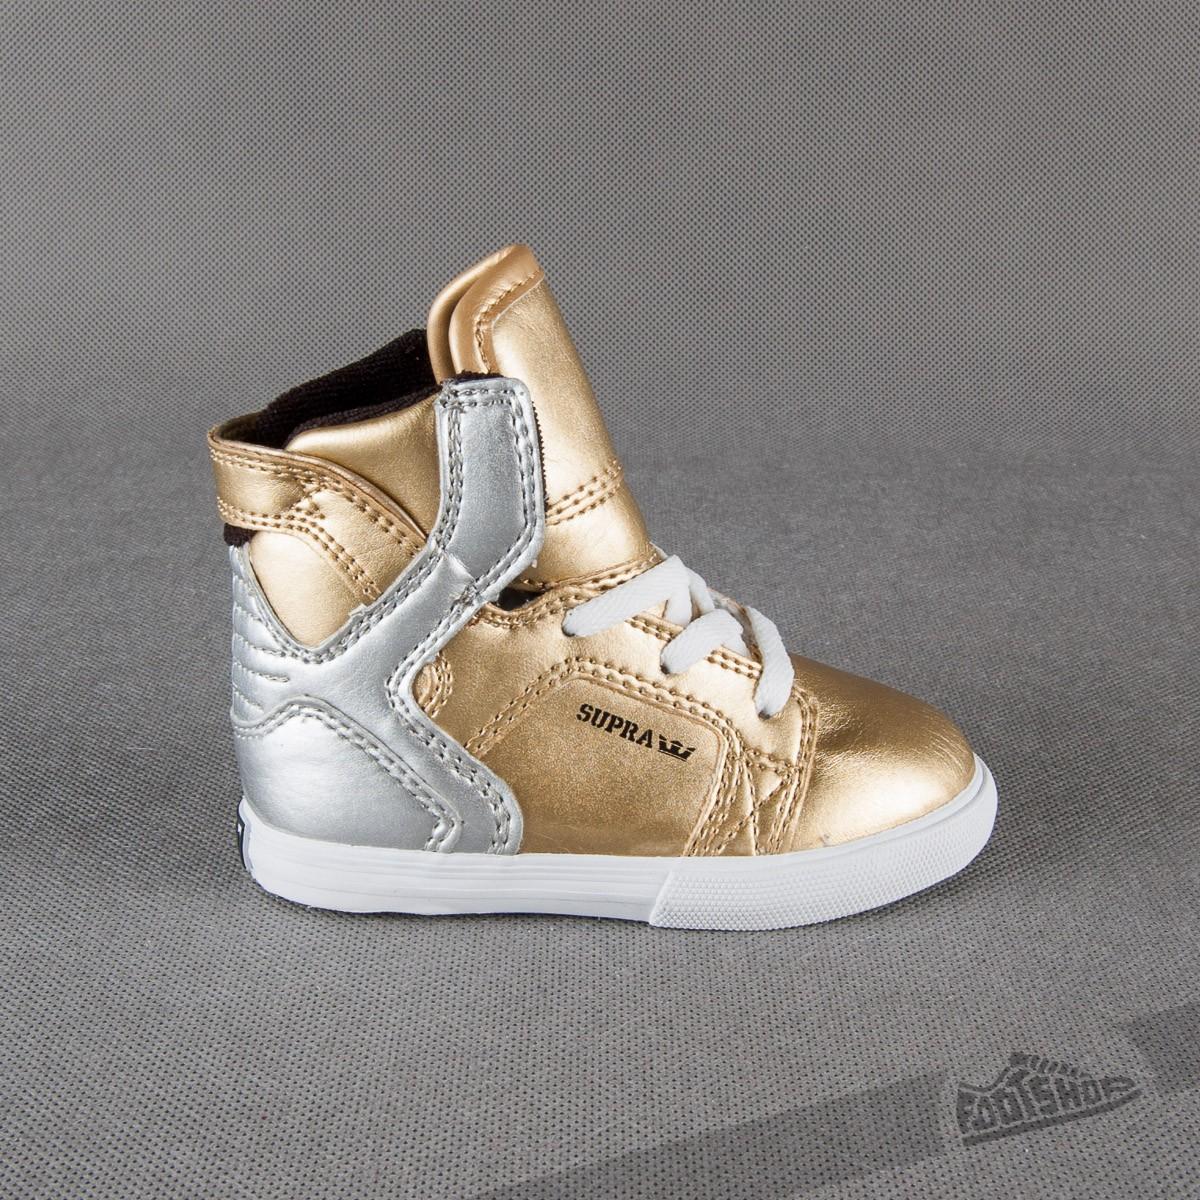 Dětské Supra Baby Skytop Chad Muska Pro Model Gold Silver  85763108f51